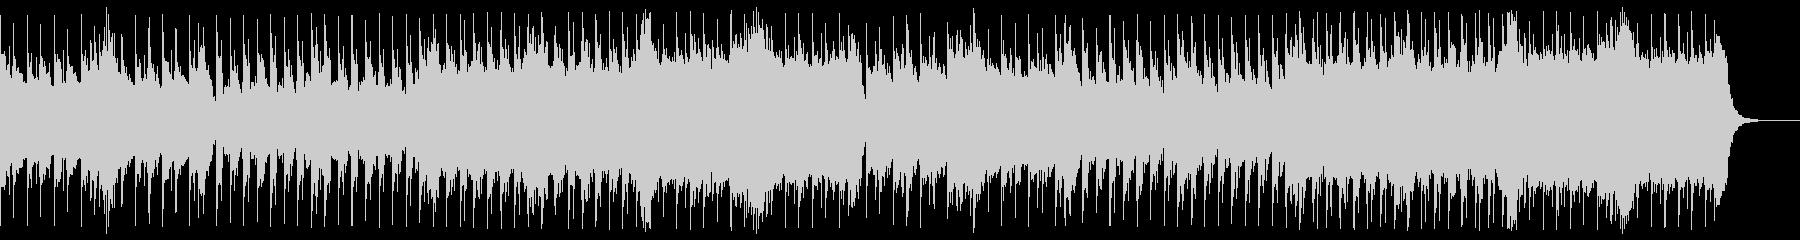 おしゃれな雰囲気の3拍子BGMの未再生の波形